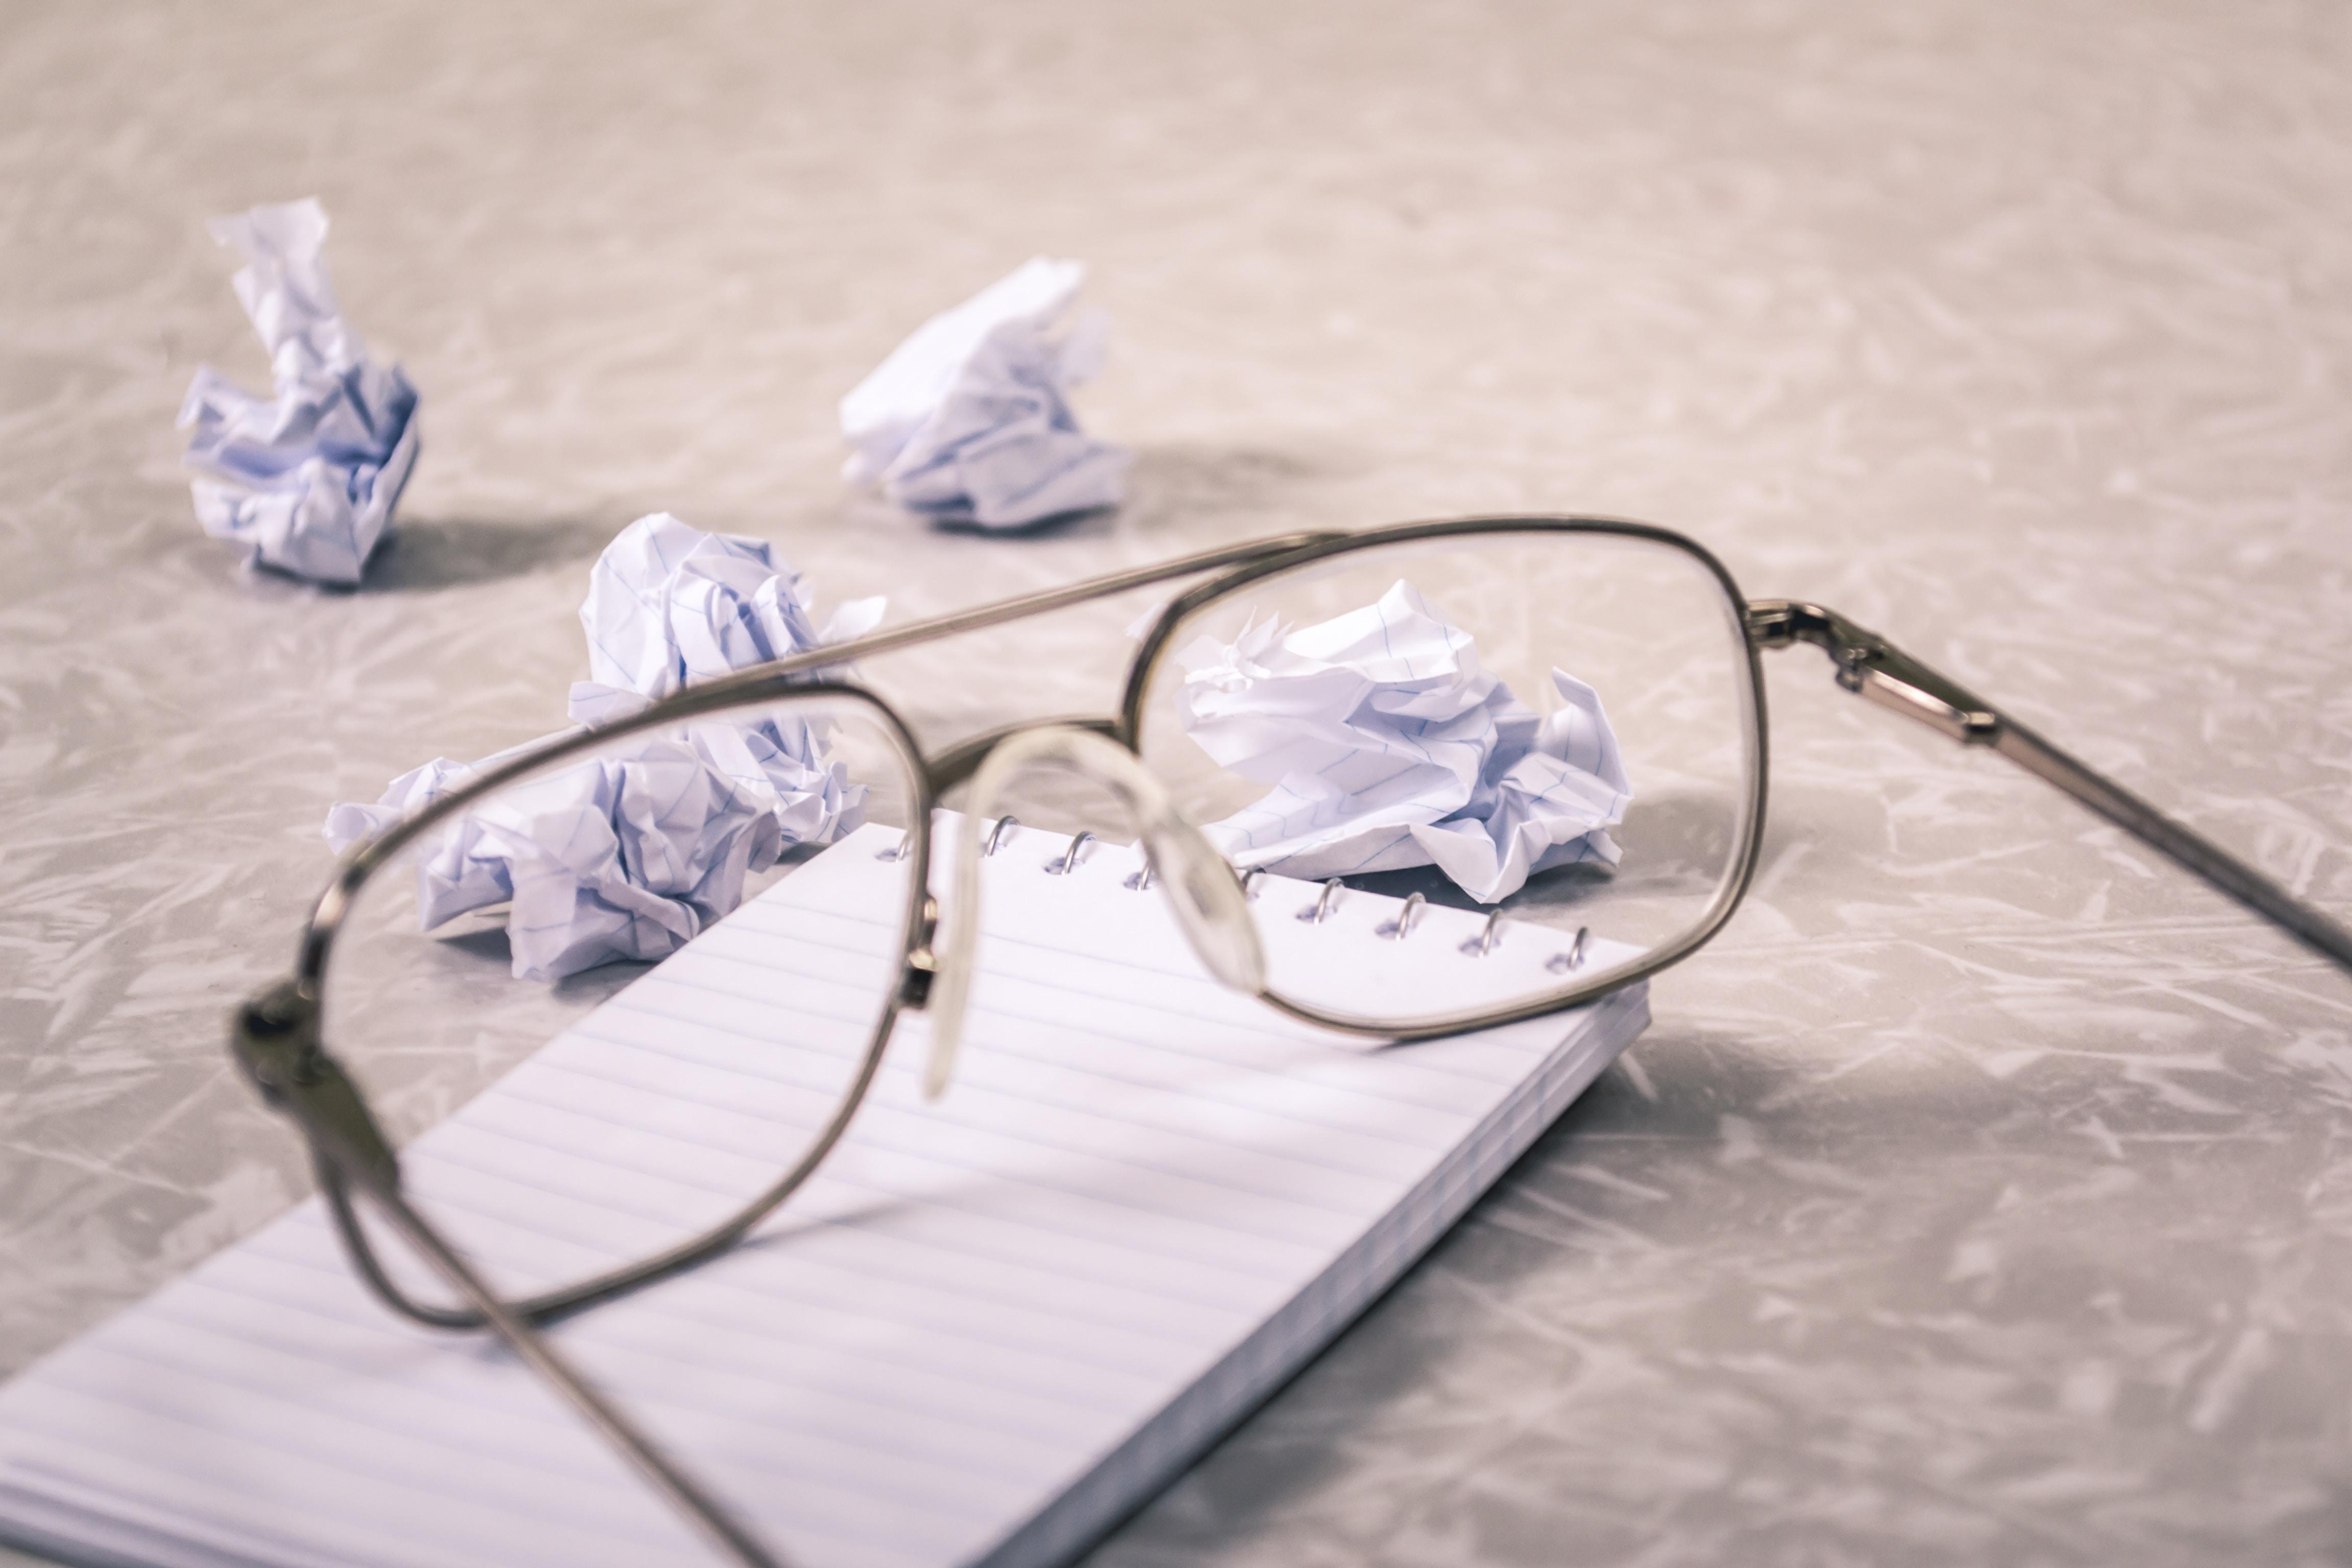 eyeglasses near on paper